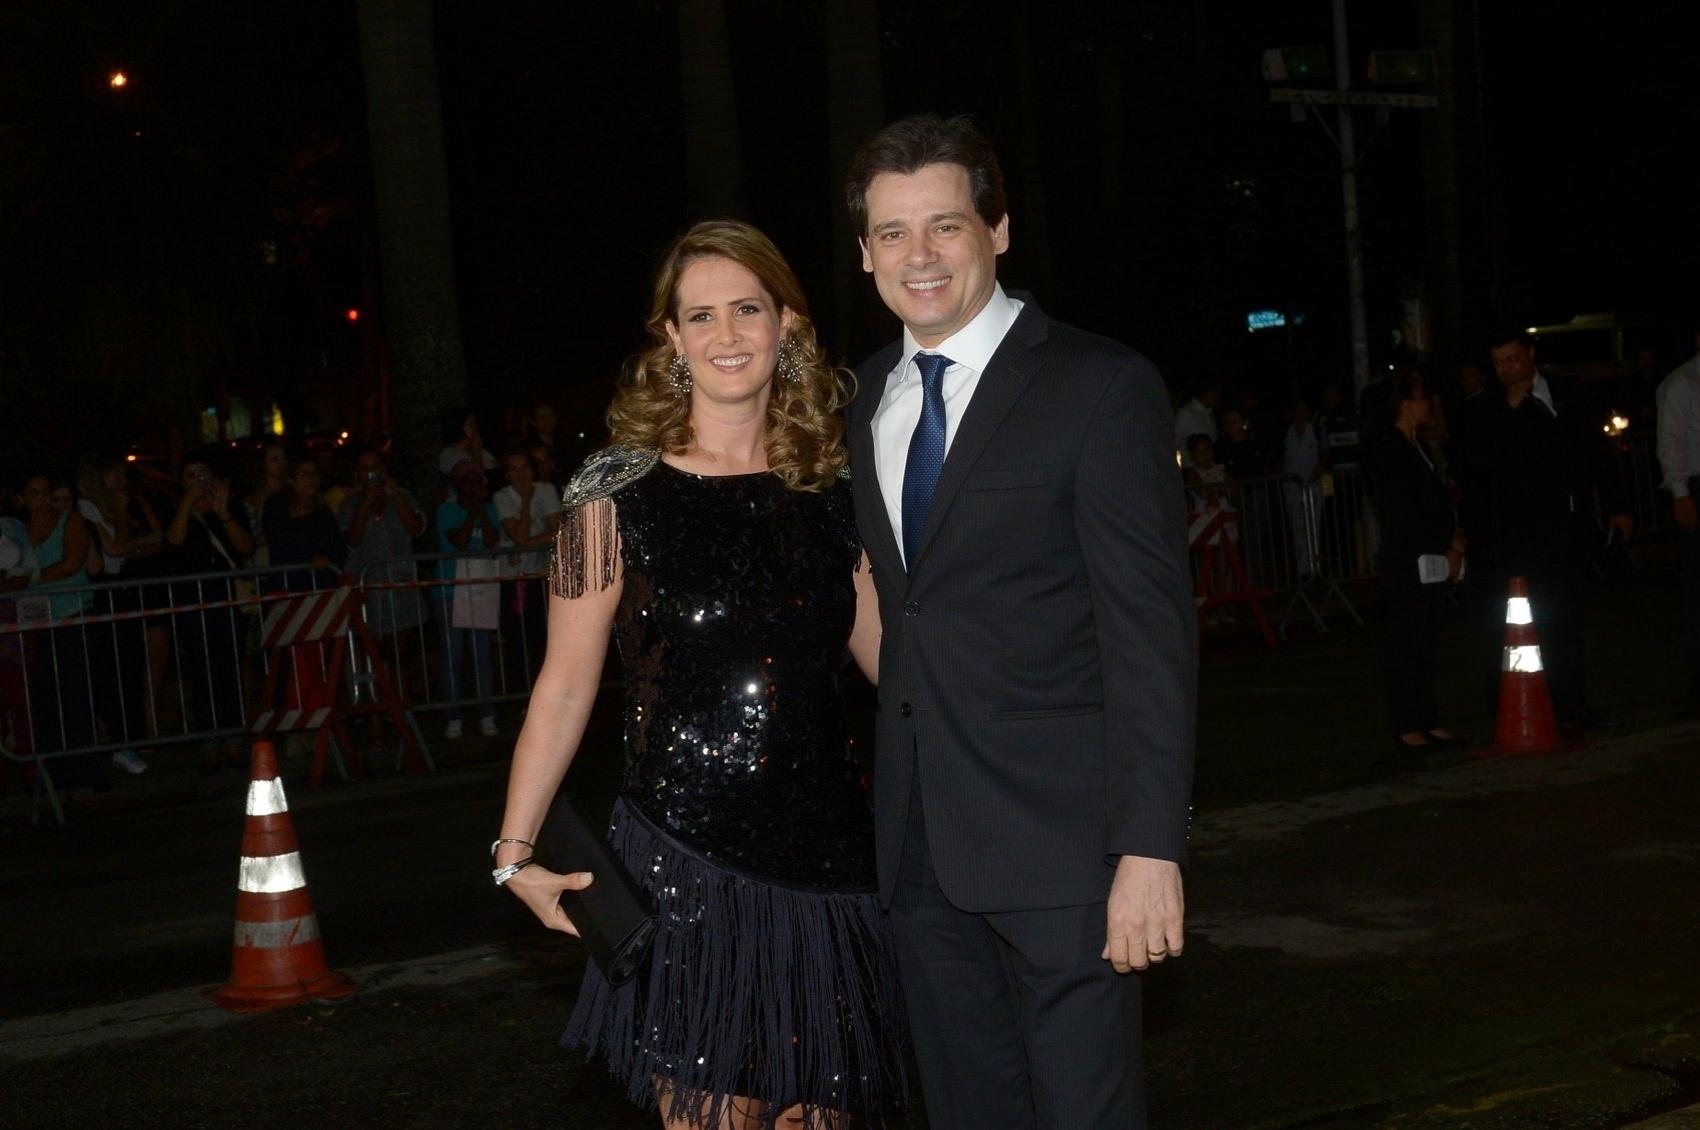 24.fev.2015 - O apresentador Celso Portiolli chega para o casamento de Thiaguinho e Fernanda Souza acompanhado da mulher, Suzana Marchi